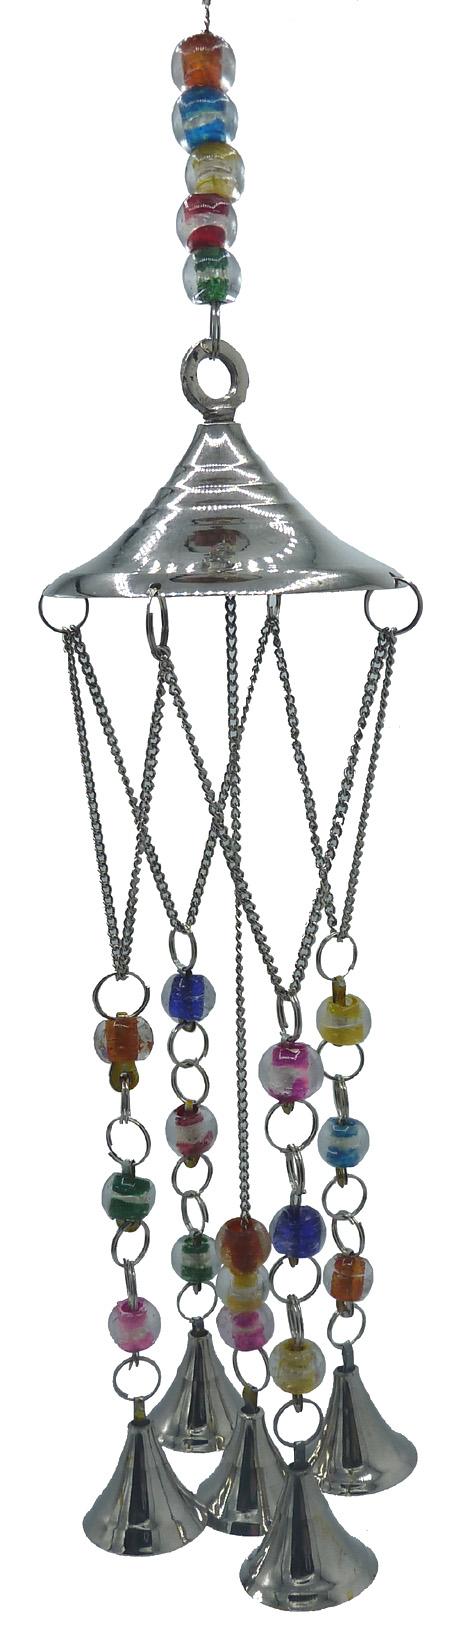 Carillon cuivre blanc cloches & perles 38cm